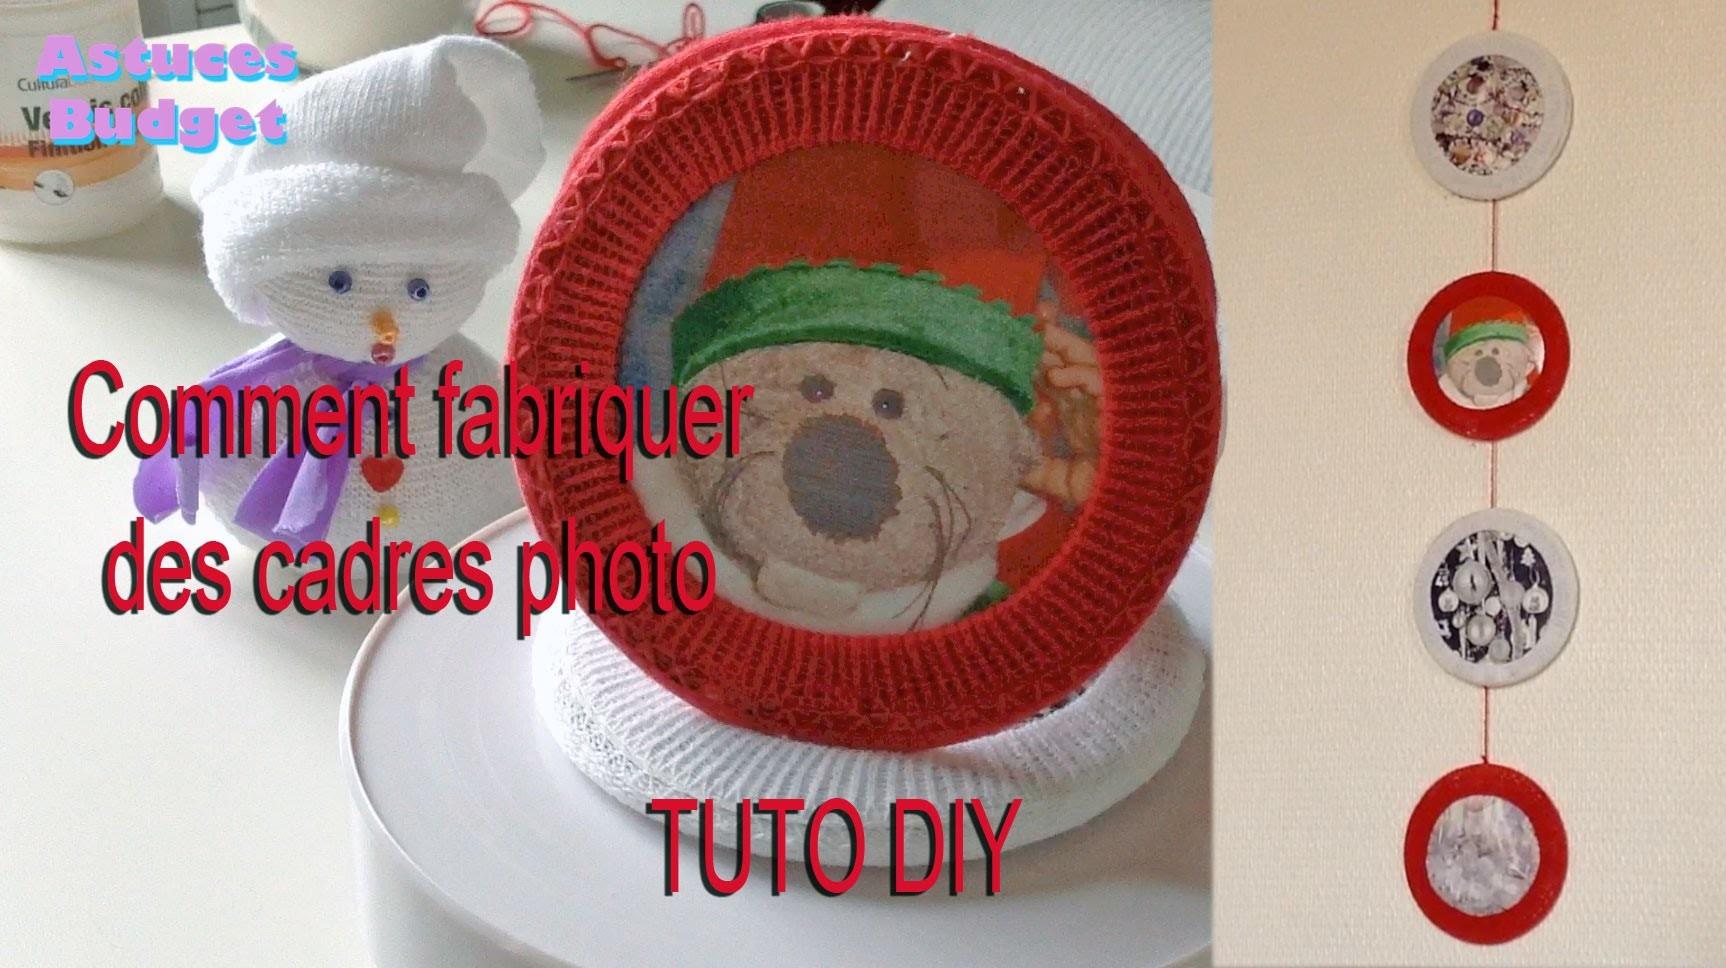 (TUTO DIY) comment fabriquer des cadres photo en recyclant des CD et chaussettes